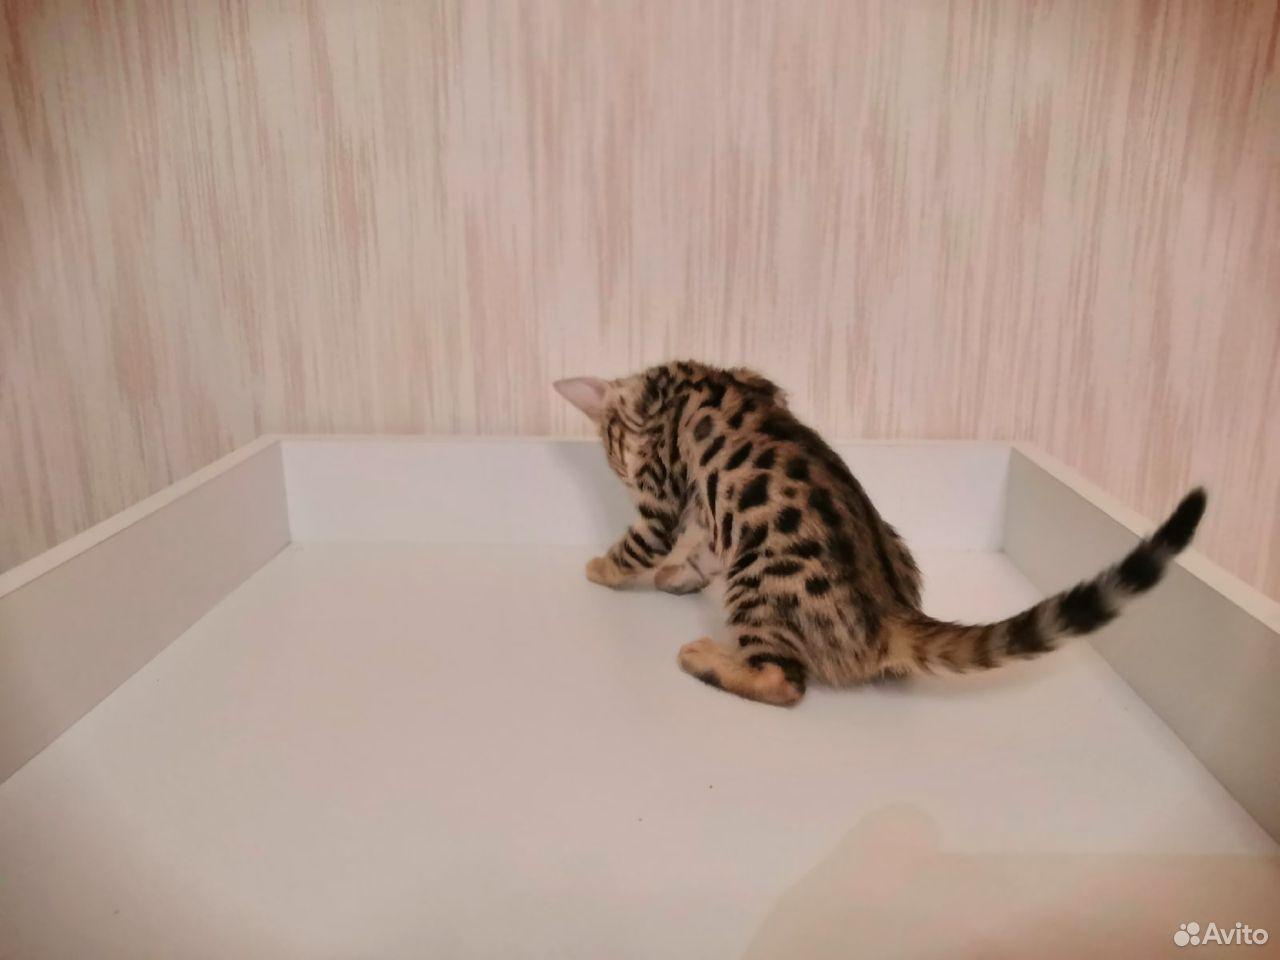 Бенгальские котята  89610262725 купить 6